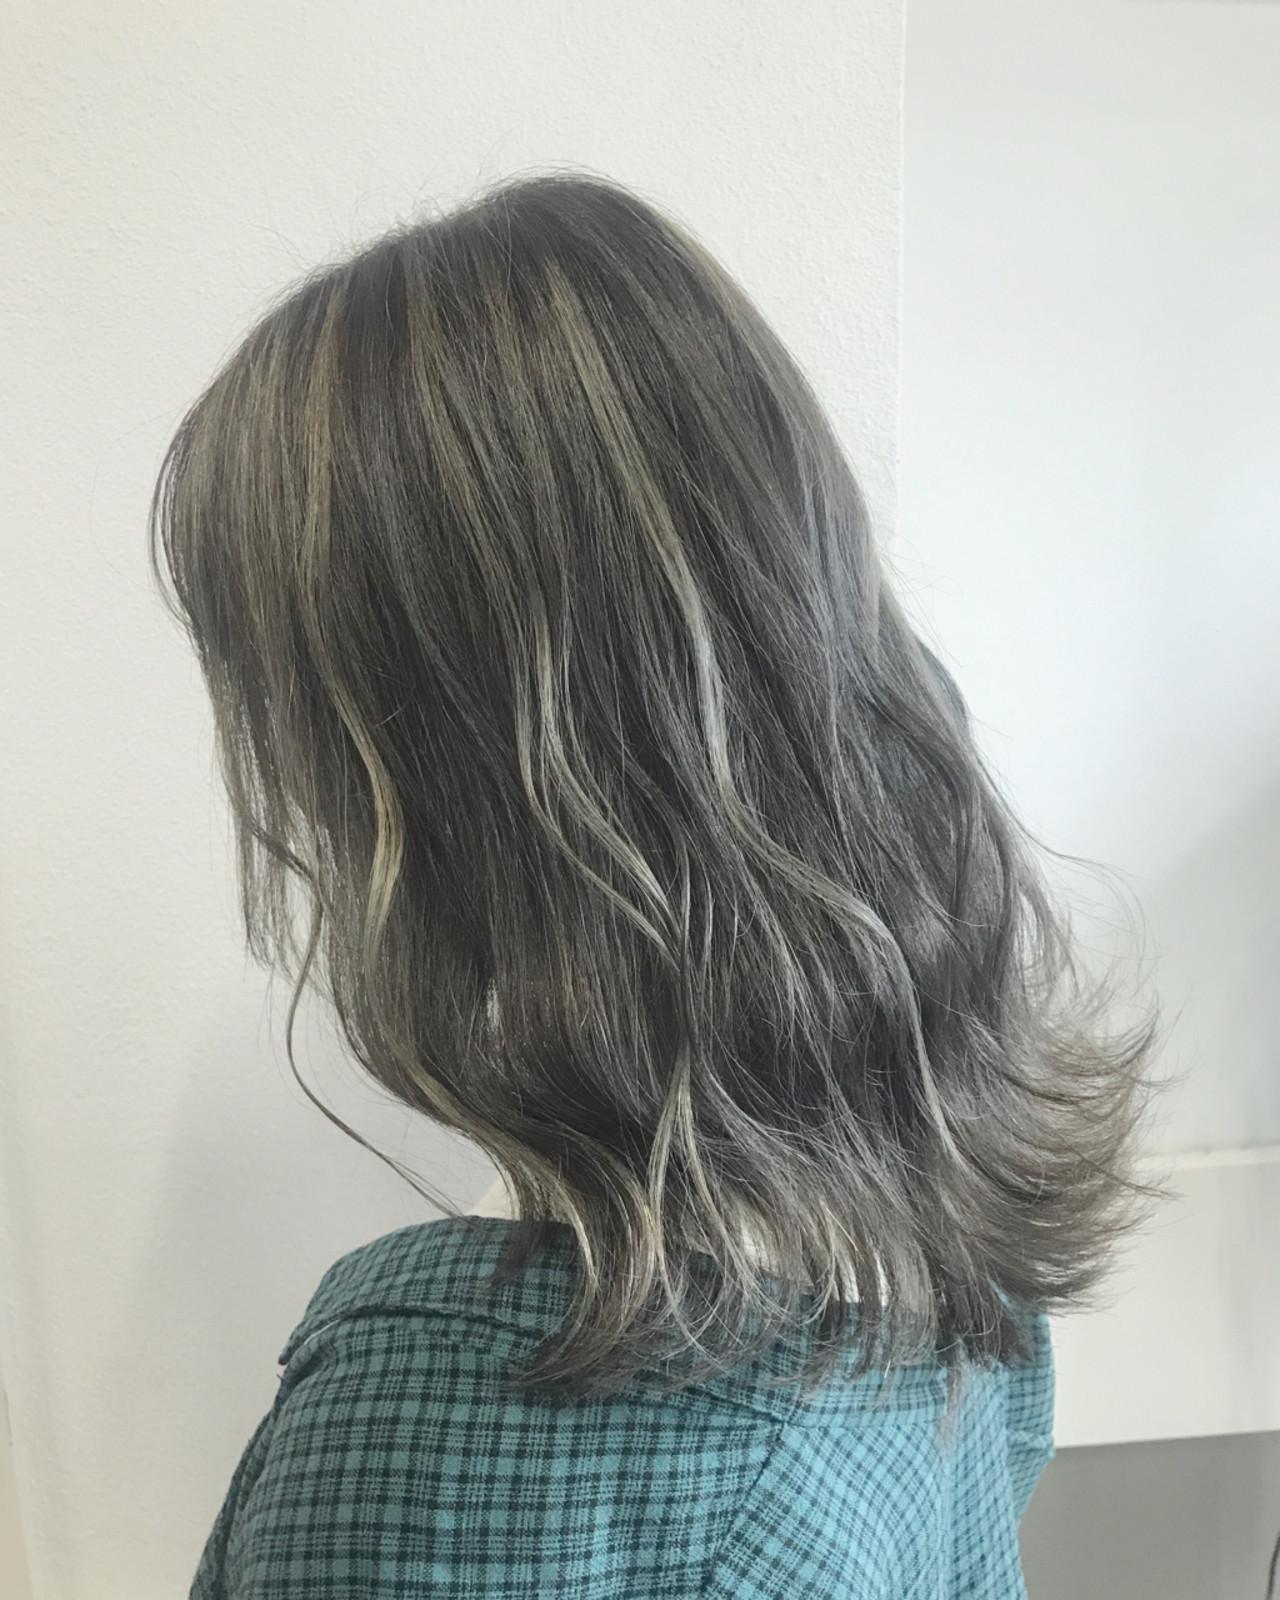 透明感 グラデーションカラー ミディアム フェミニン ヘアスタイルや髪型の写真・画像